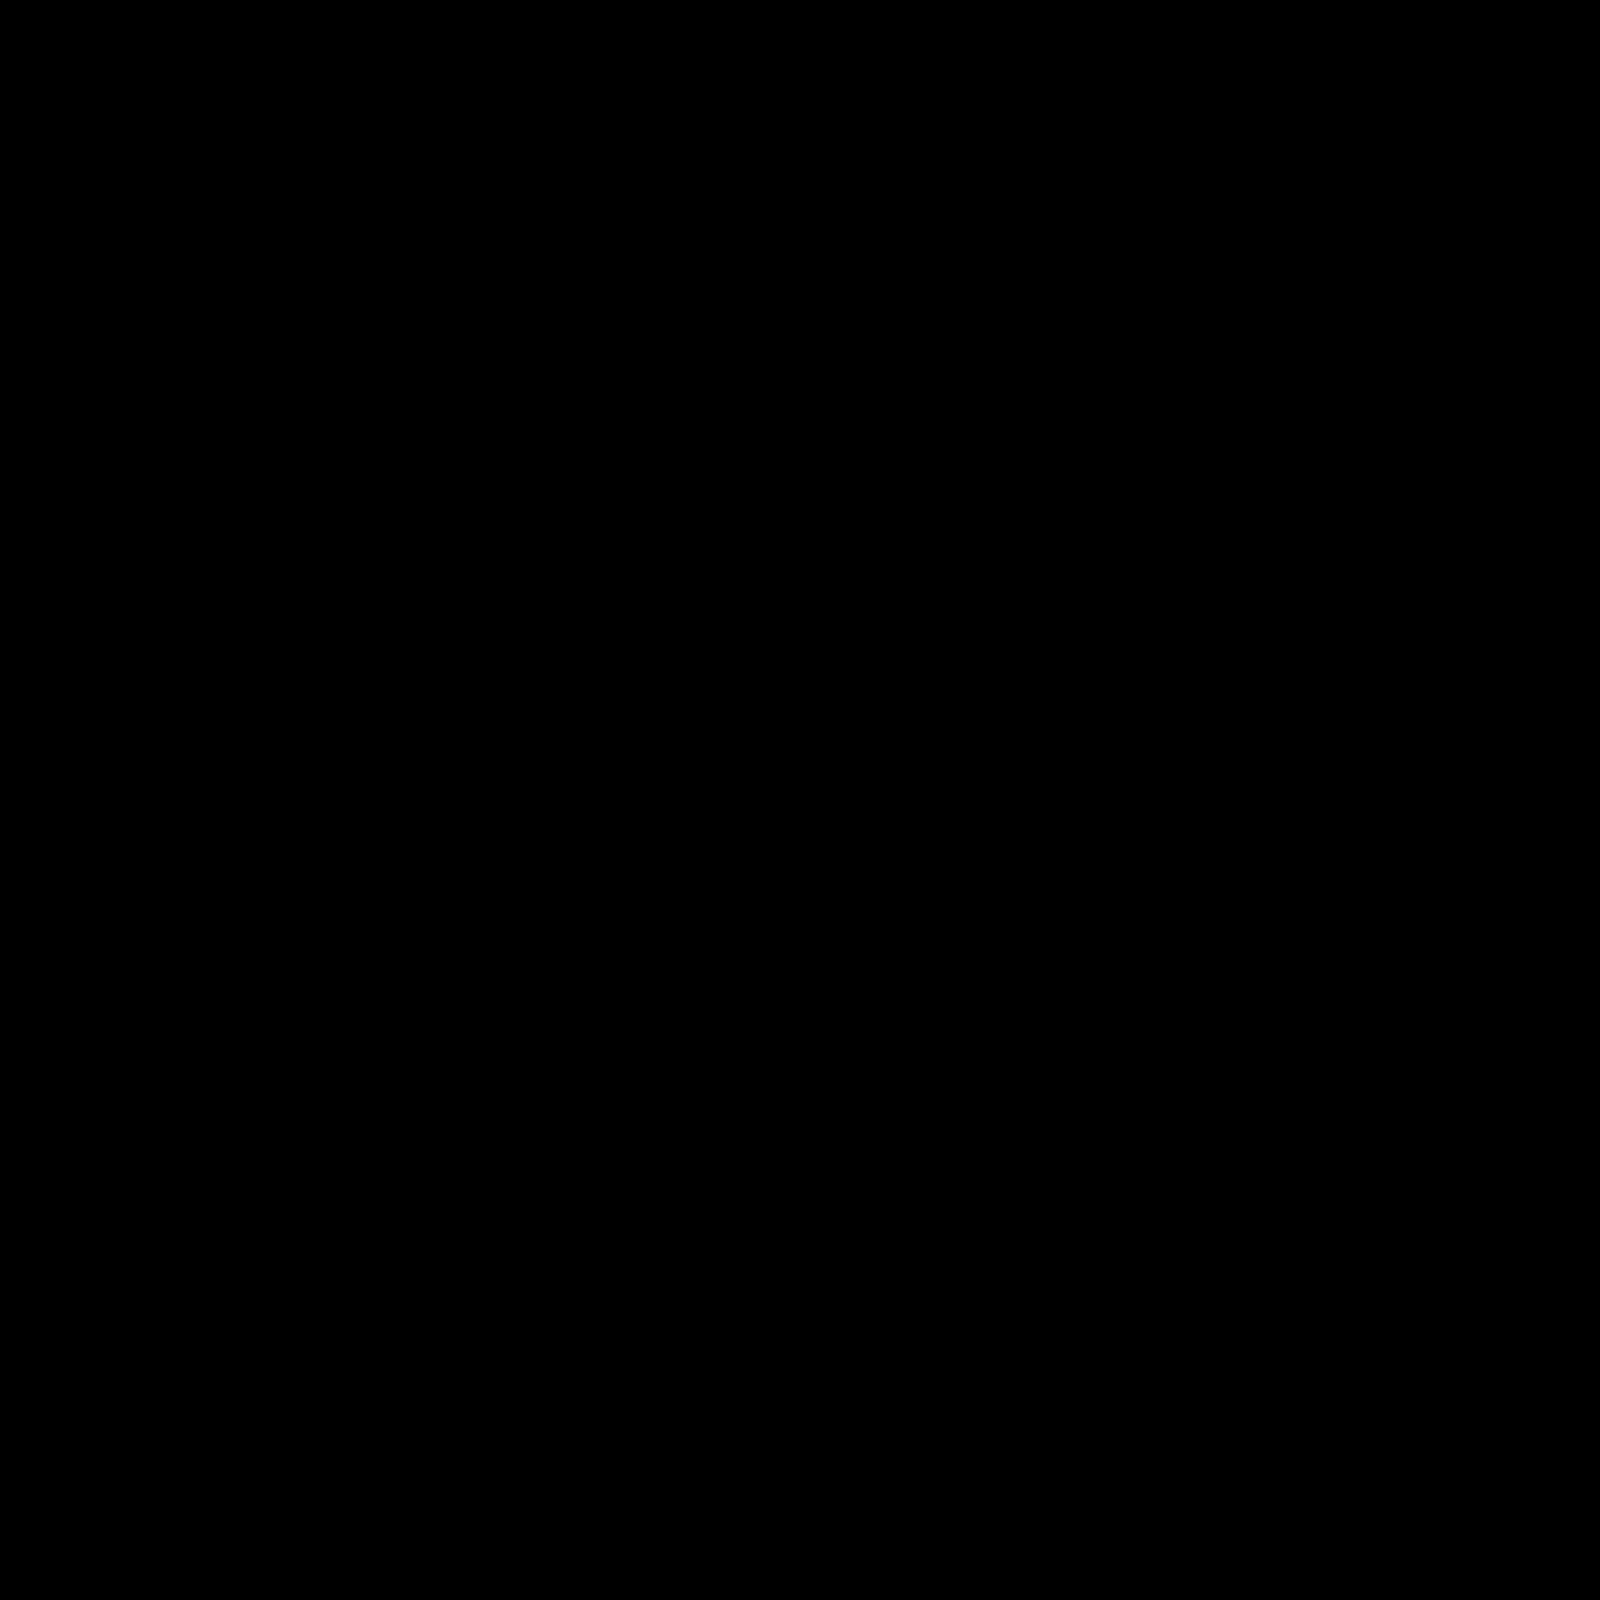 編集禁止 icon. It's a picture of a pencil with the tip of the pencil facing southwest. There is a solid black line running in the opposite direction from the northwest to the southeast that intersects the pencil at the middle. Together, the pencil and line form an X shape.